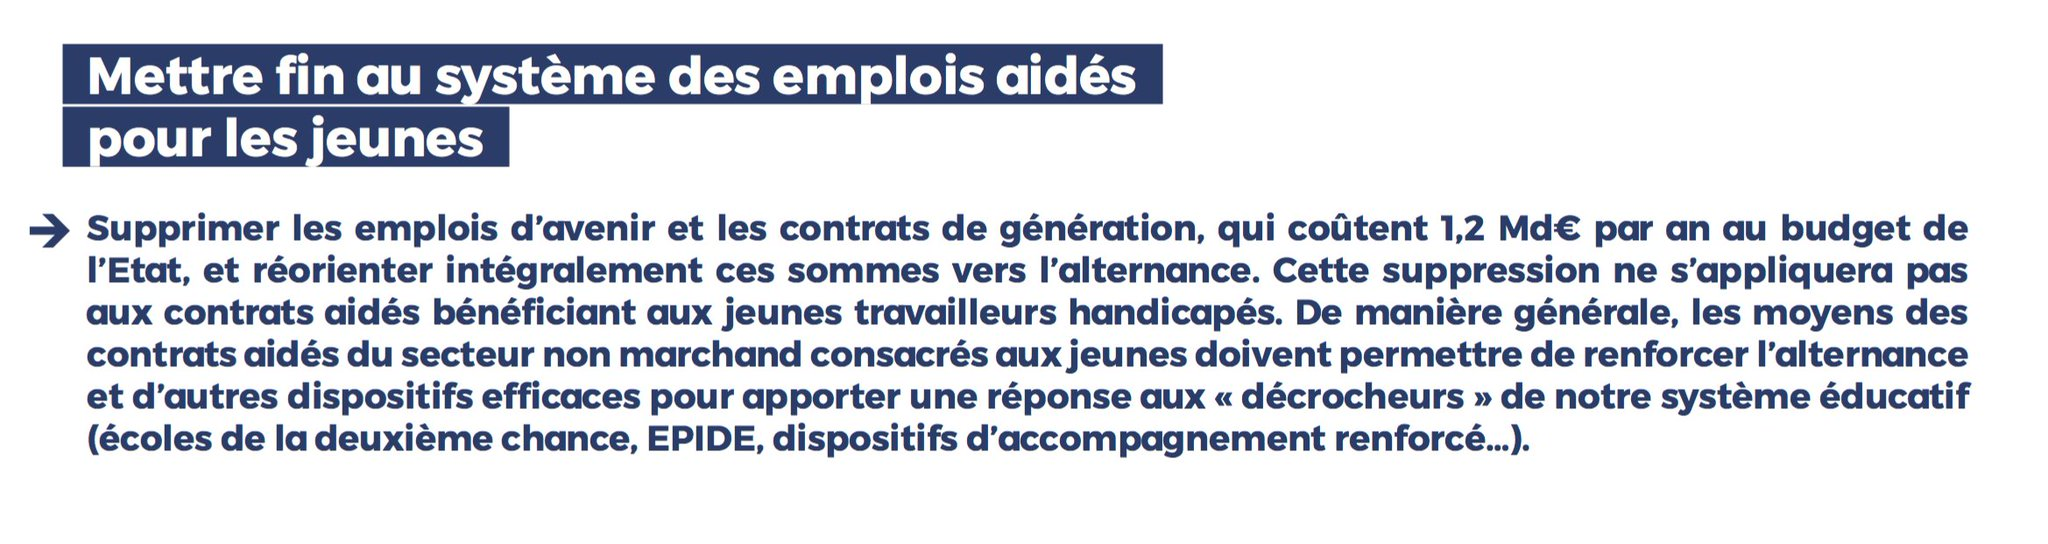 @senateursLREM @francoisbaroin @FrancoisFillon La preuve en image... Programme de #Fillon2017 https://t.co/5VuVlimoJE